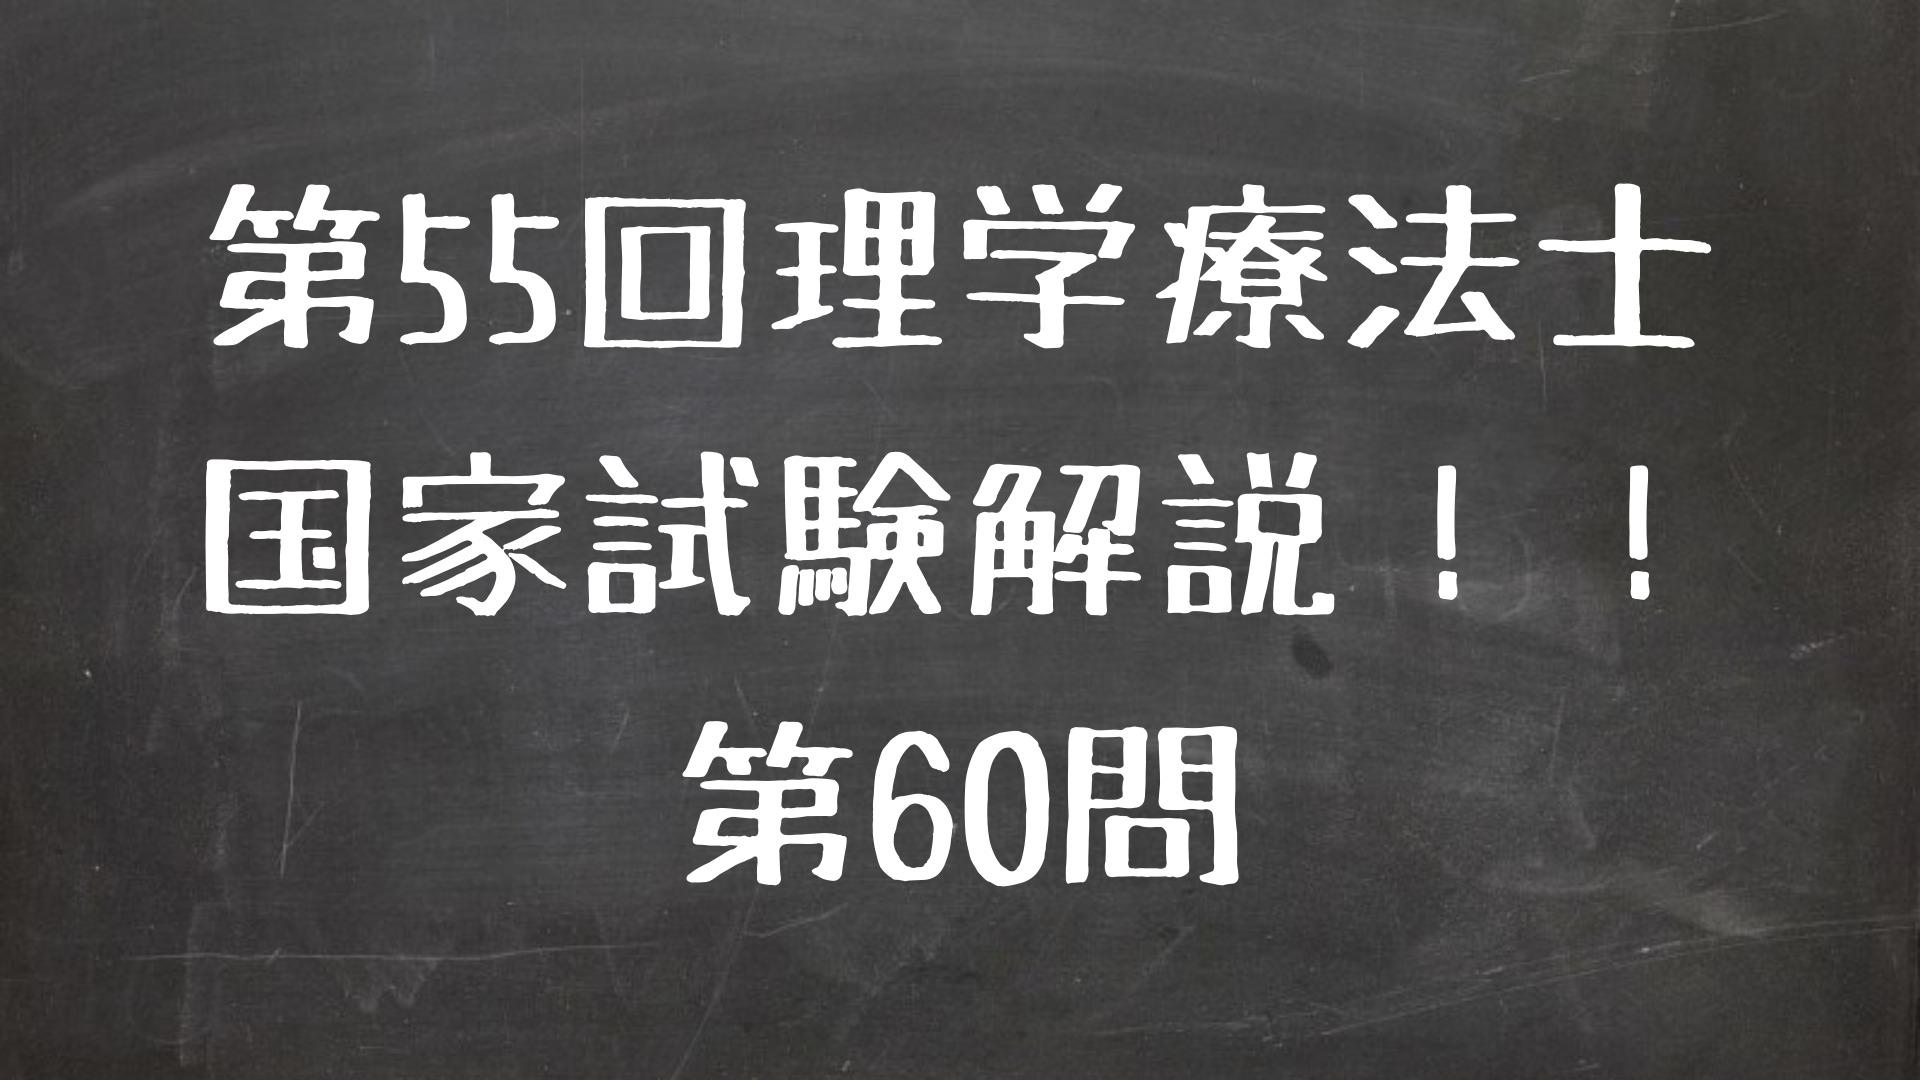 第55回理学療法士国家試験 午前 第60問